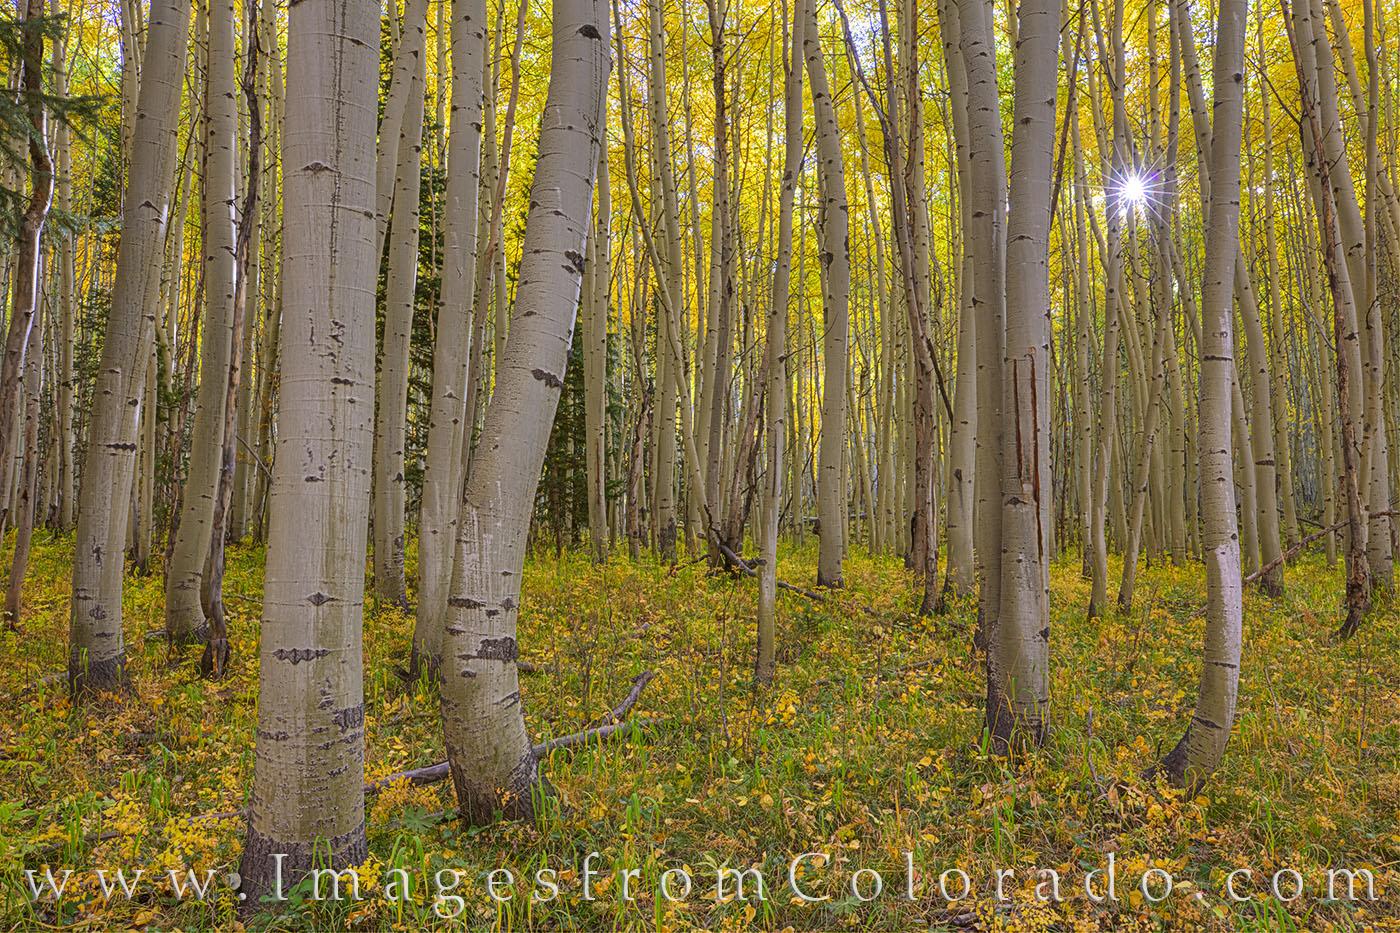 Sunlight peeks through a golden aspen forest on an October morning near Winter Park, Colorado.